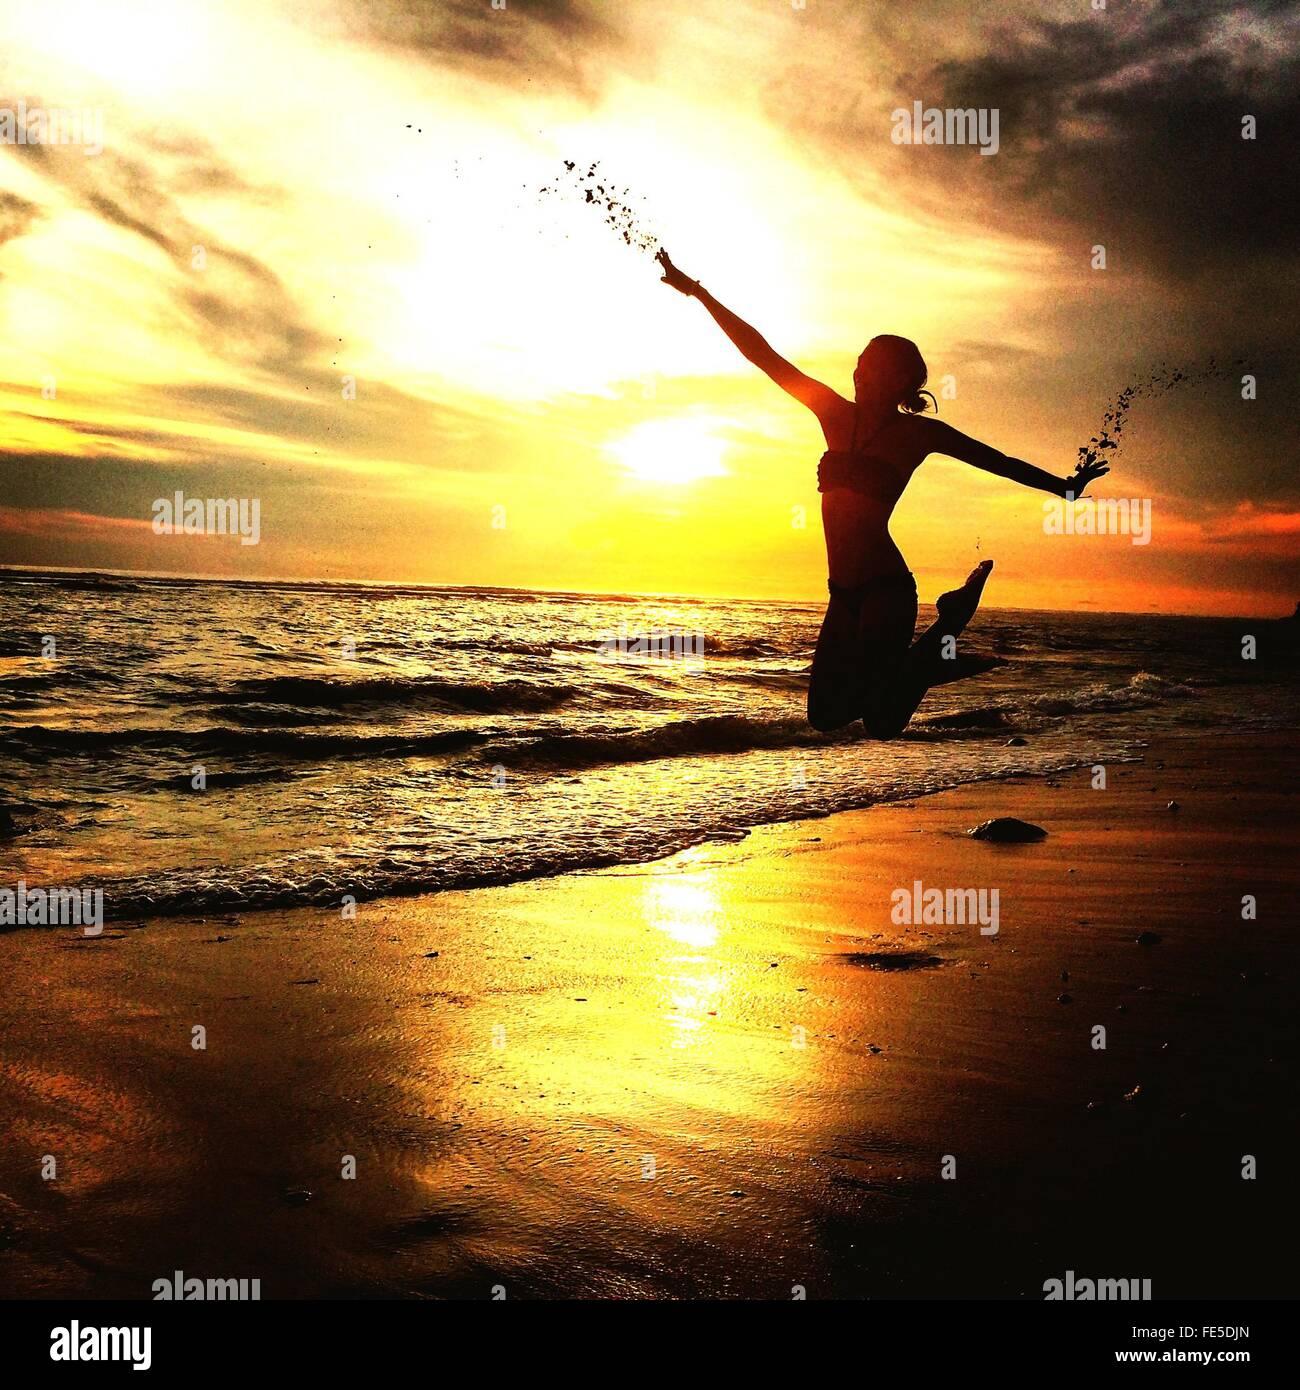 Mujer saltando en la playa de arena durante la puesta de sol Imagen De Stock